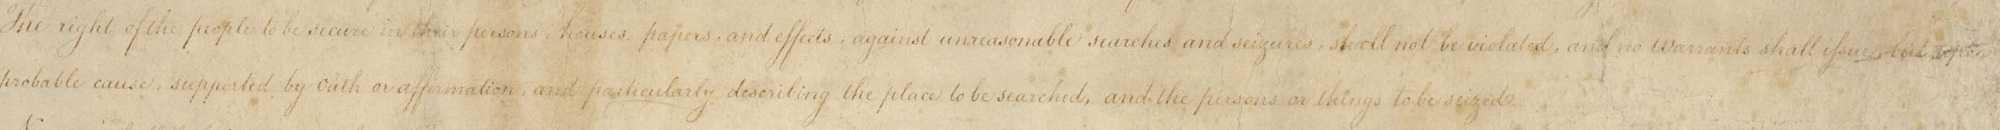 Schreibschrift auf altem Papier